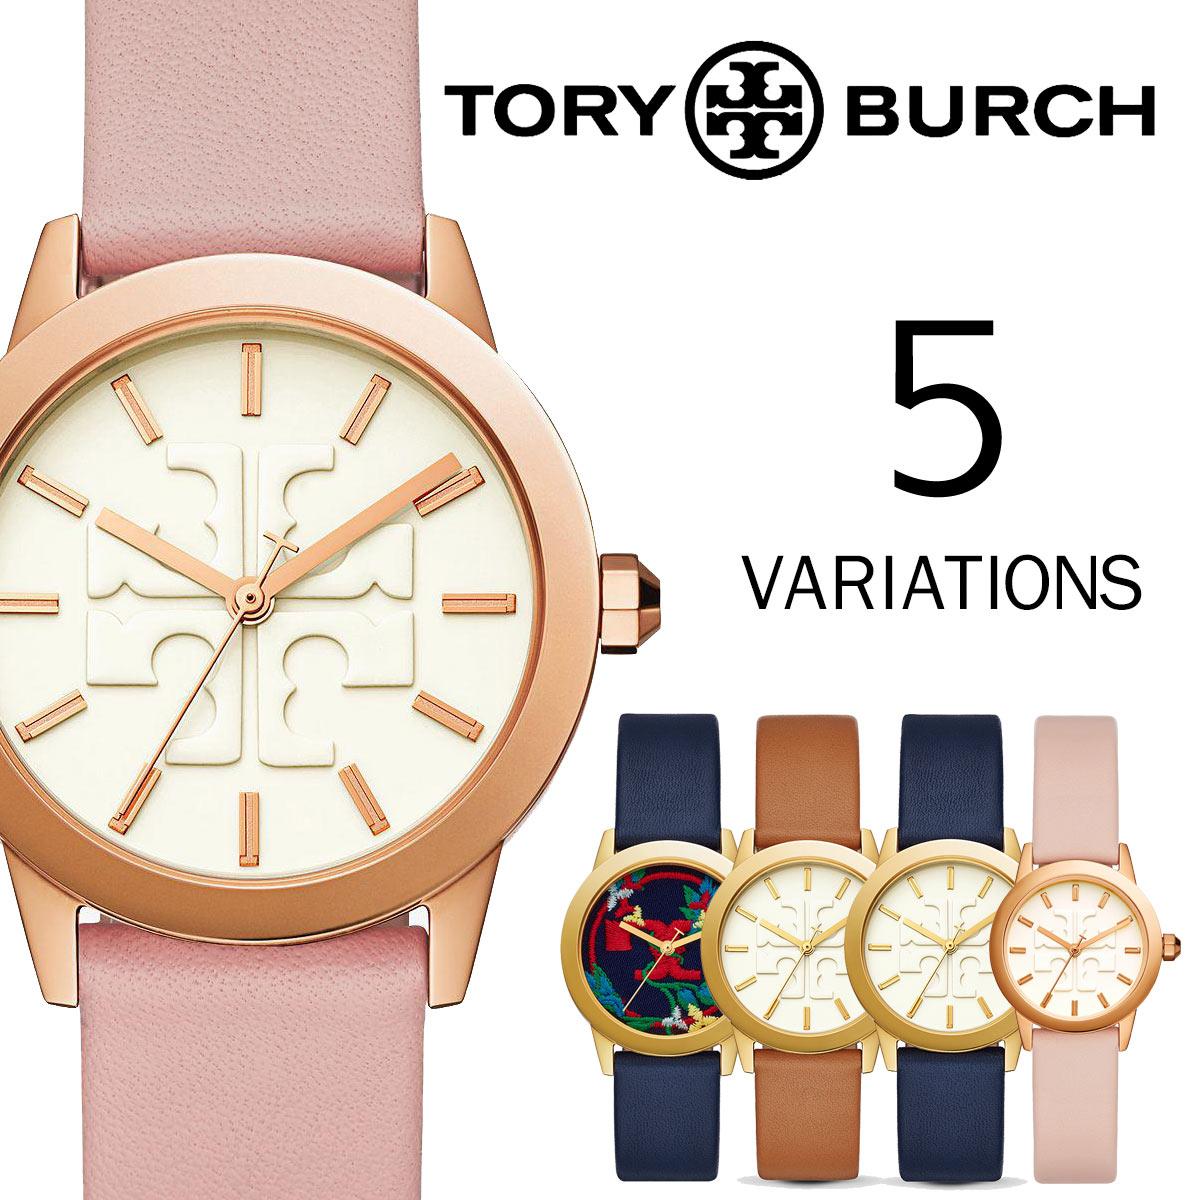 【全品送料無料】 TORY BURCH トリーバーチ COLLINS WATCH レディース 女性 時計 腕時計 プレゼント おしゃれ ギフト 贈り物